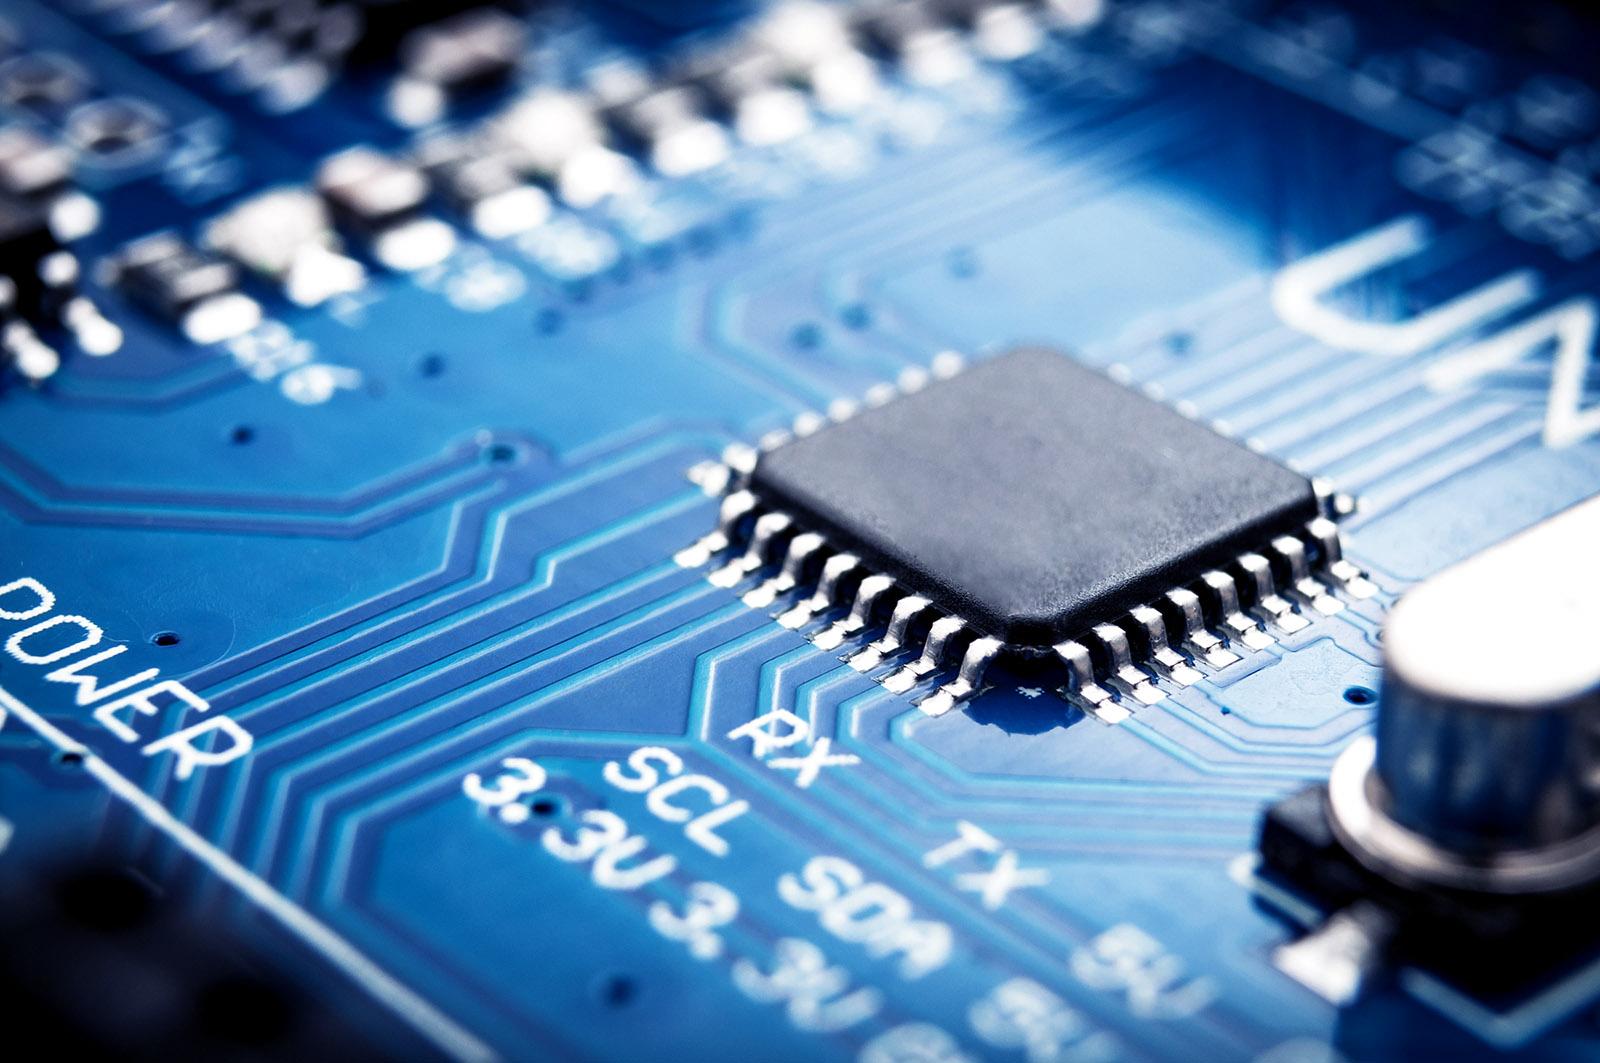 90 čínských společností začíná spolupracovat v oblasti polovodičů